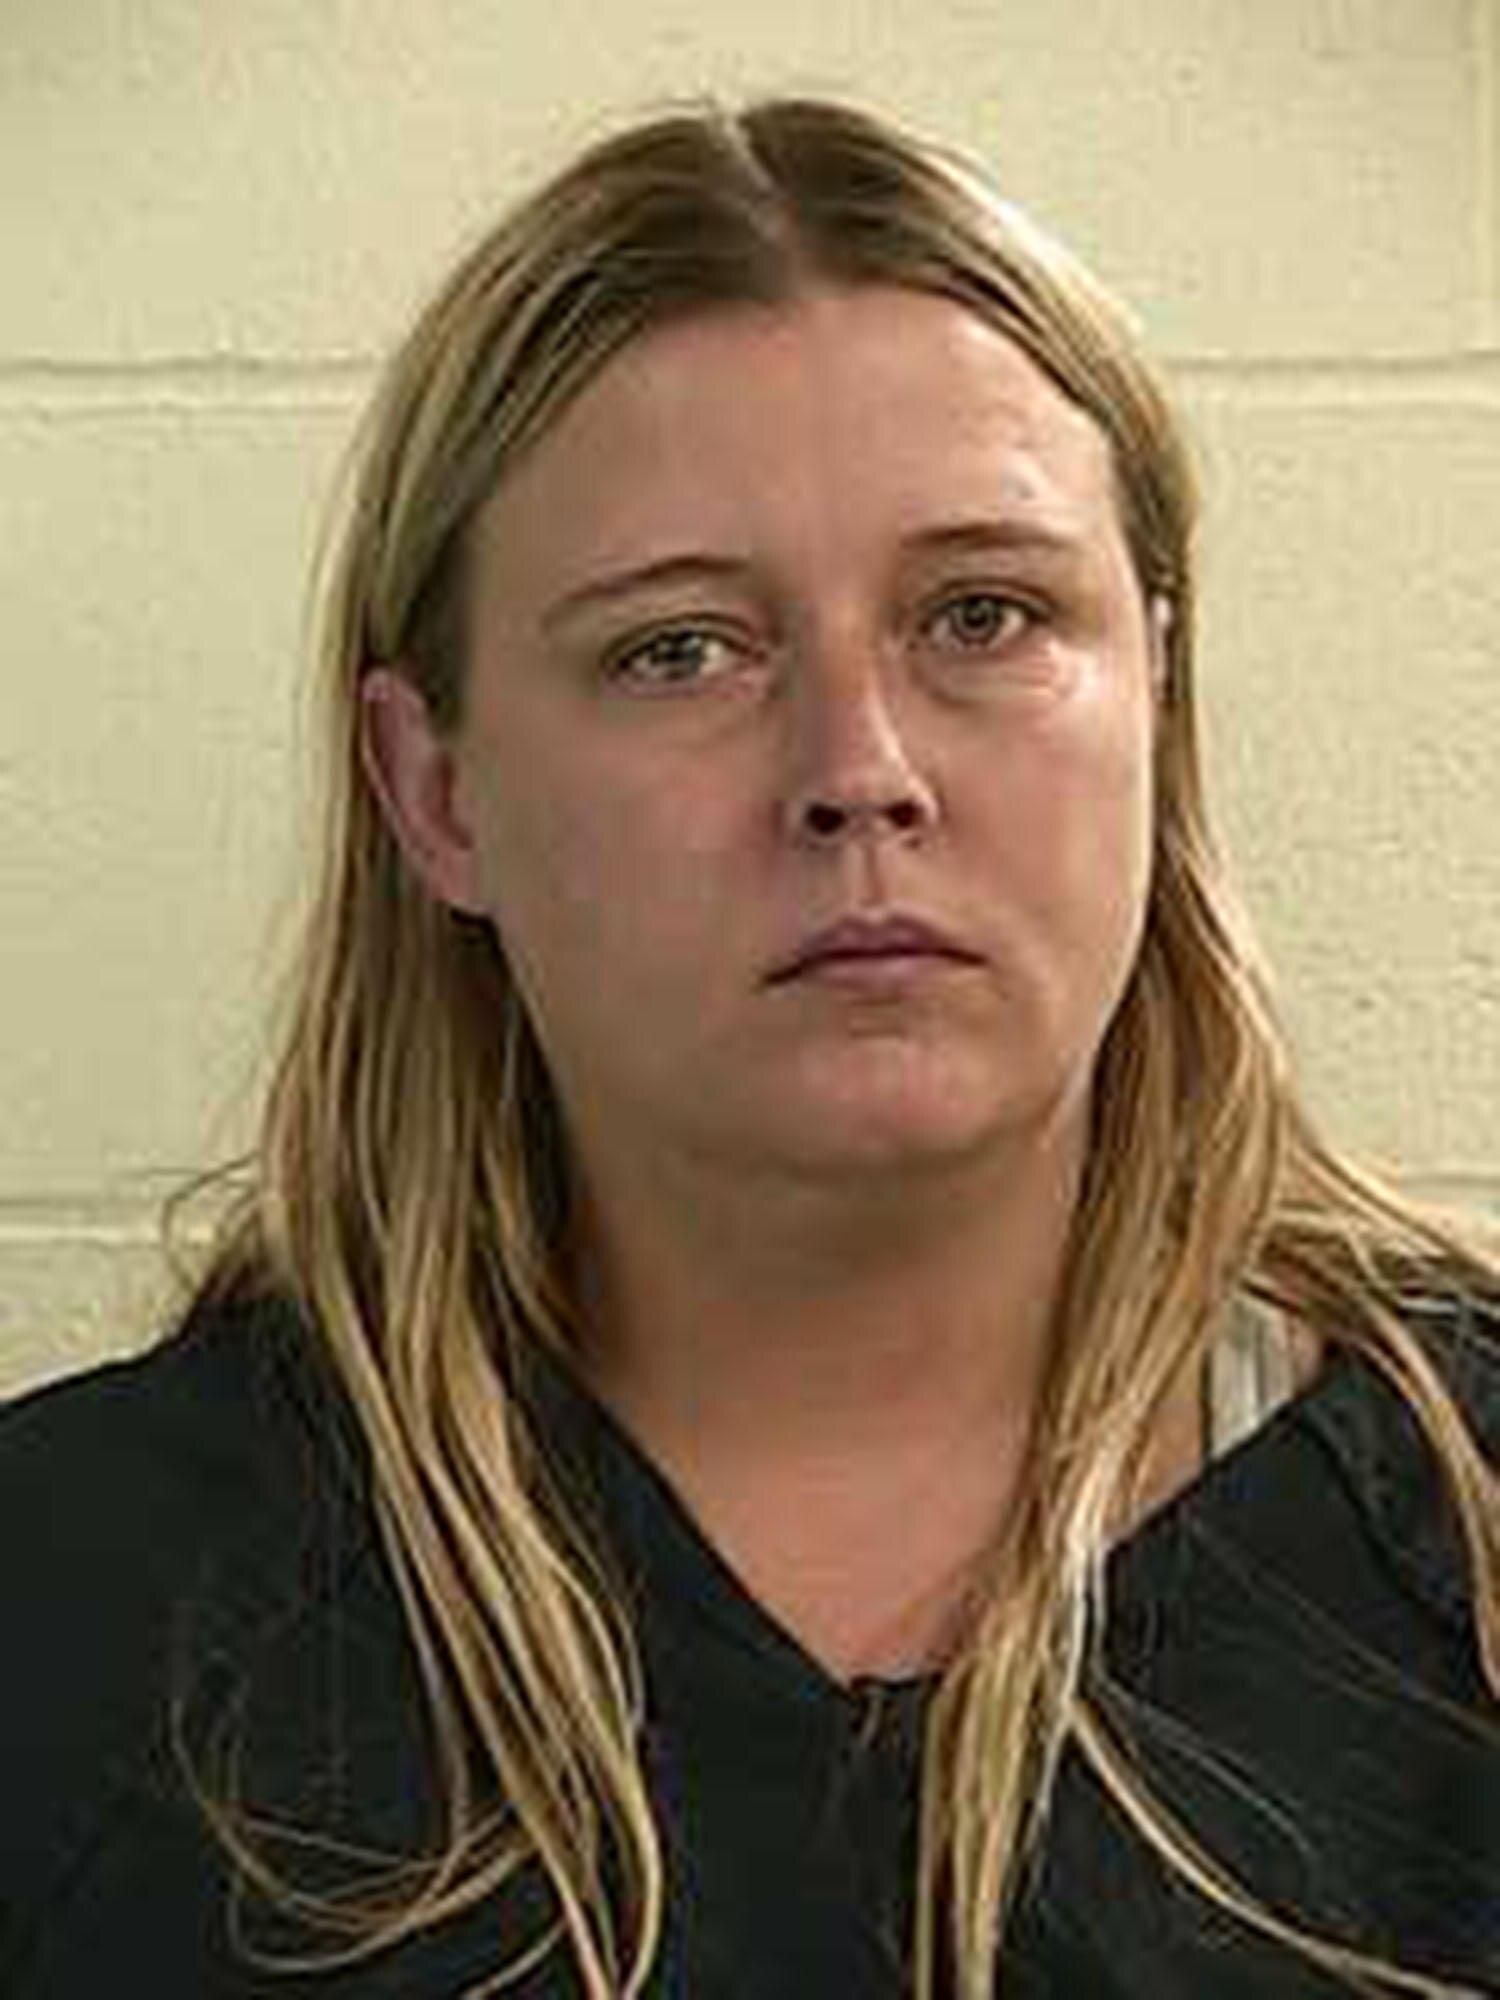 Darlene Blount ist Herzogin Meghans Schwägerin in spe. Sie hatter erneut Ärger mit der Polizei wegen häuslicher Gewalt.